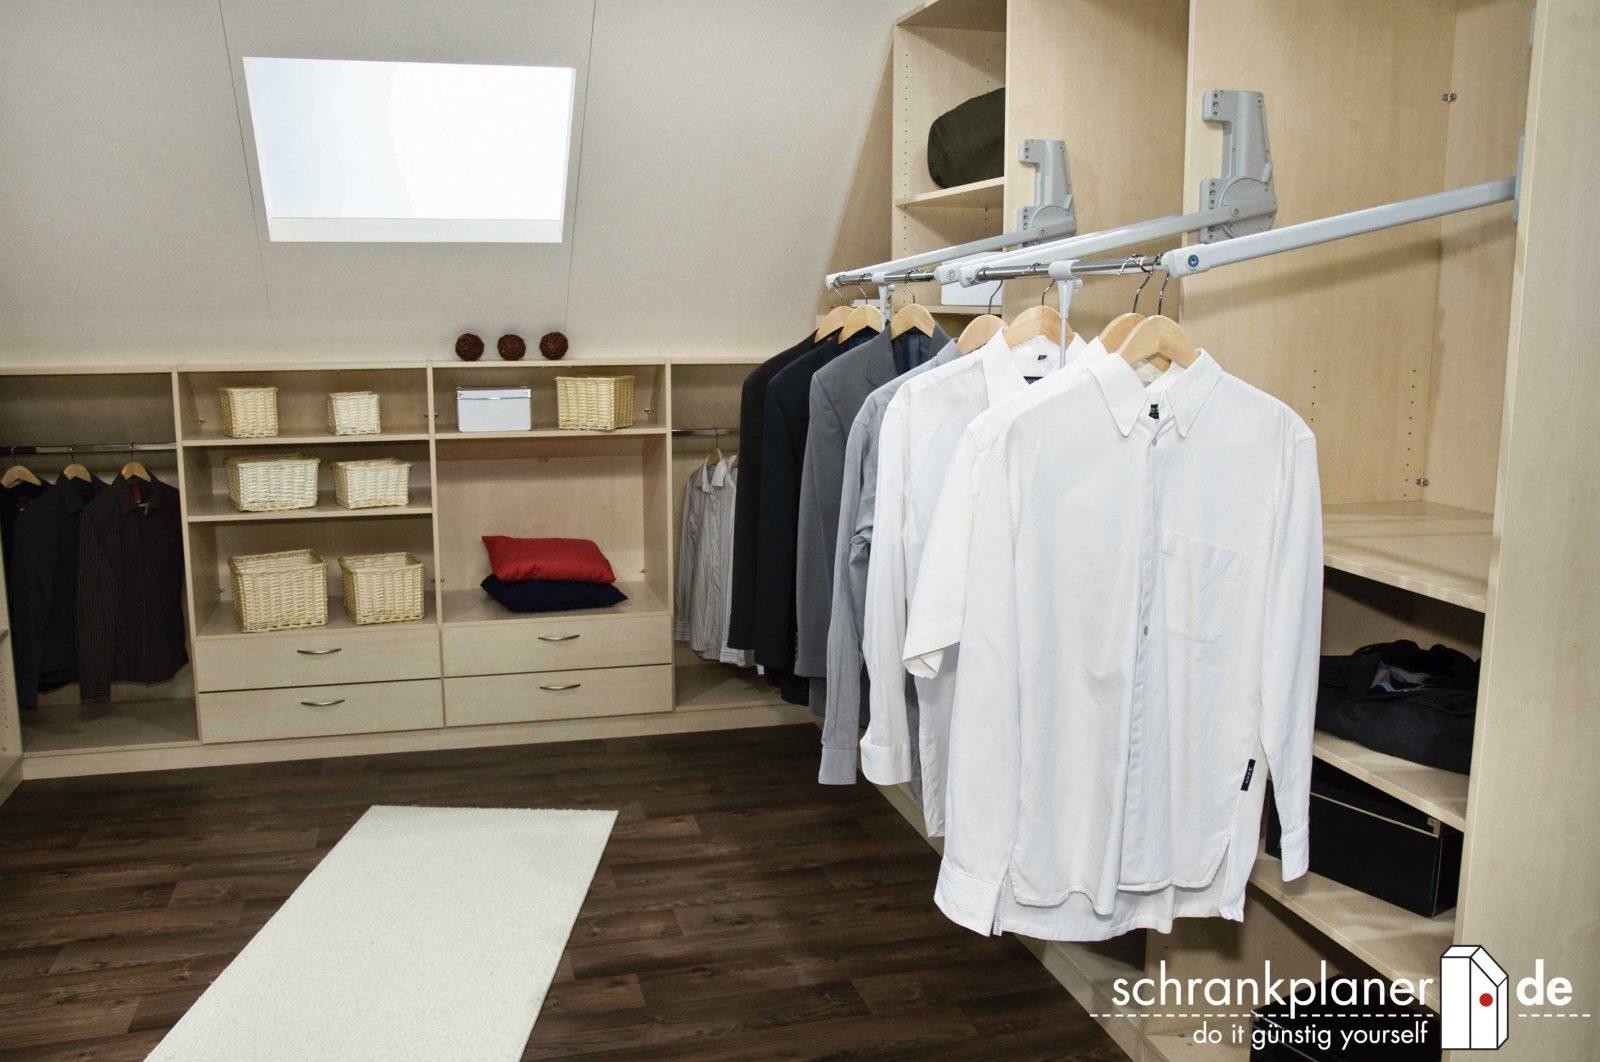 Design The Begehbarer Kleiderschrank In Dachschräge Selber Bauen For von Begehbarer Kleiderschrank Selber Bauen Ikea Bild